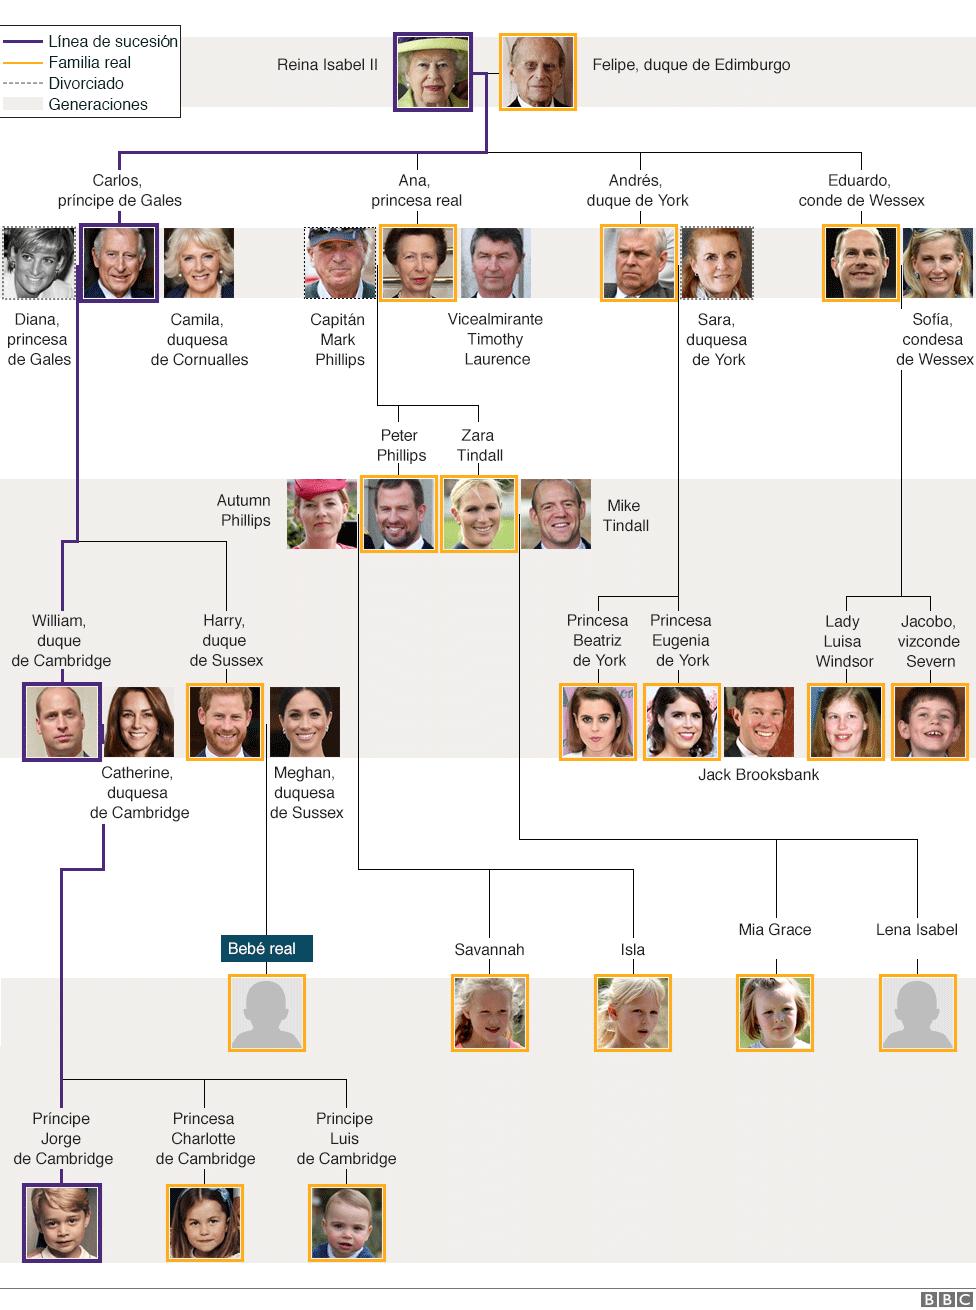 Árbol genealógico familia real británica.